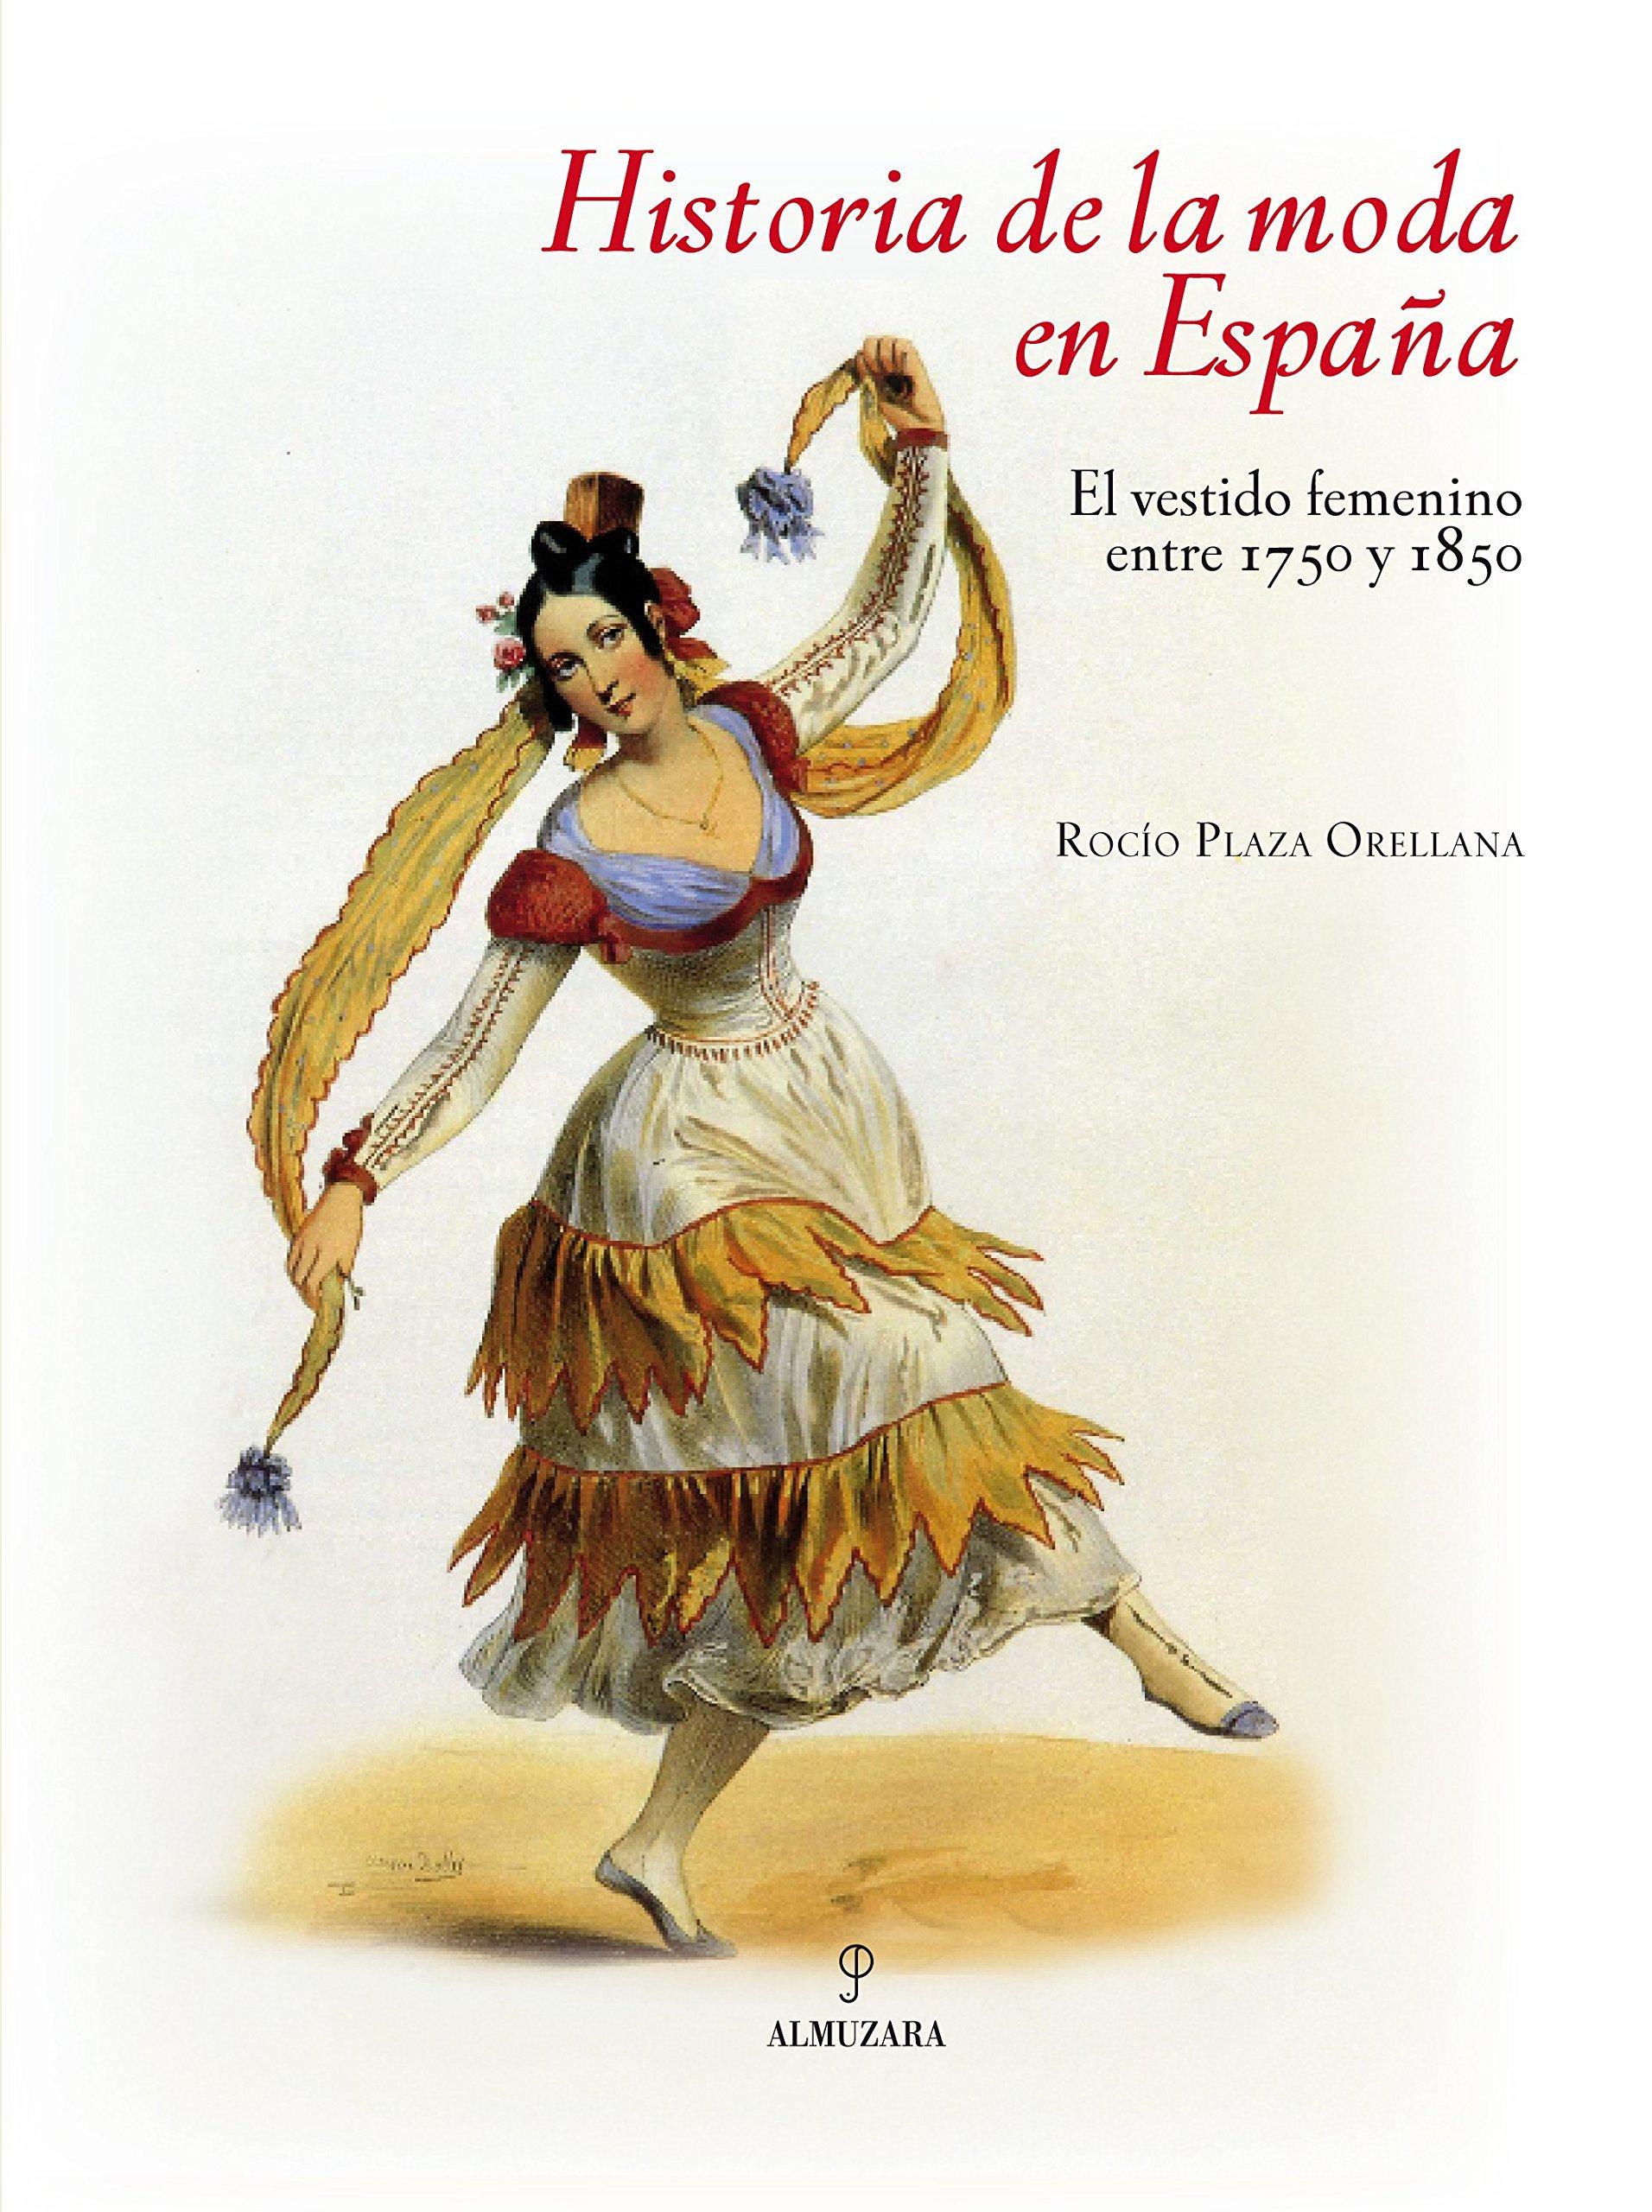 El vestido femenino entre 1750 y 1850: Rocio Plaza Orellana: 9788492573226: Amazon.com: Books